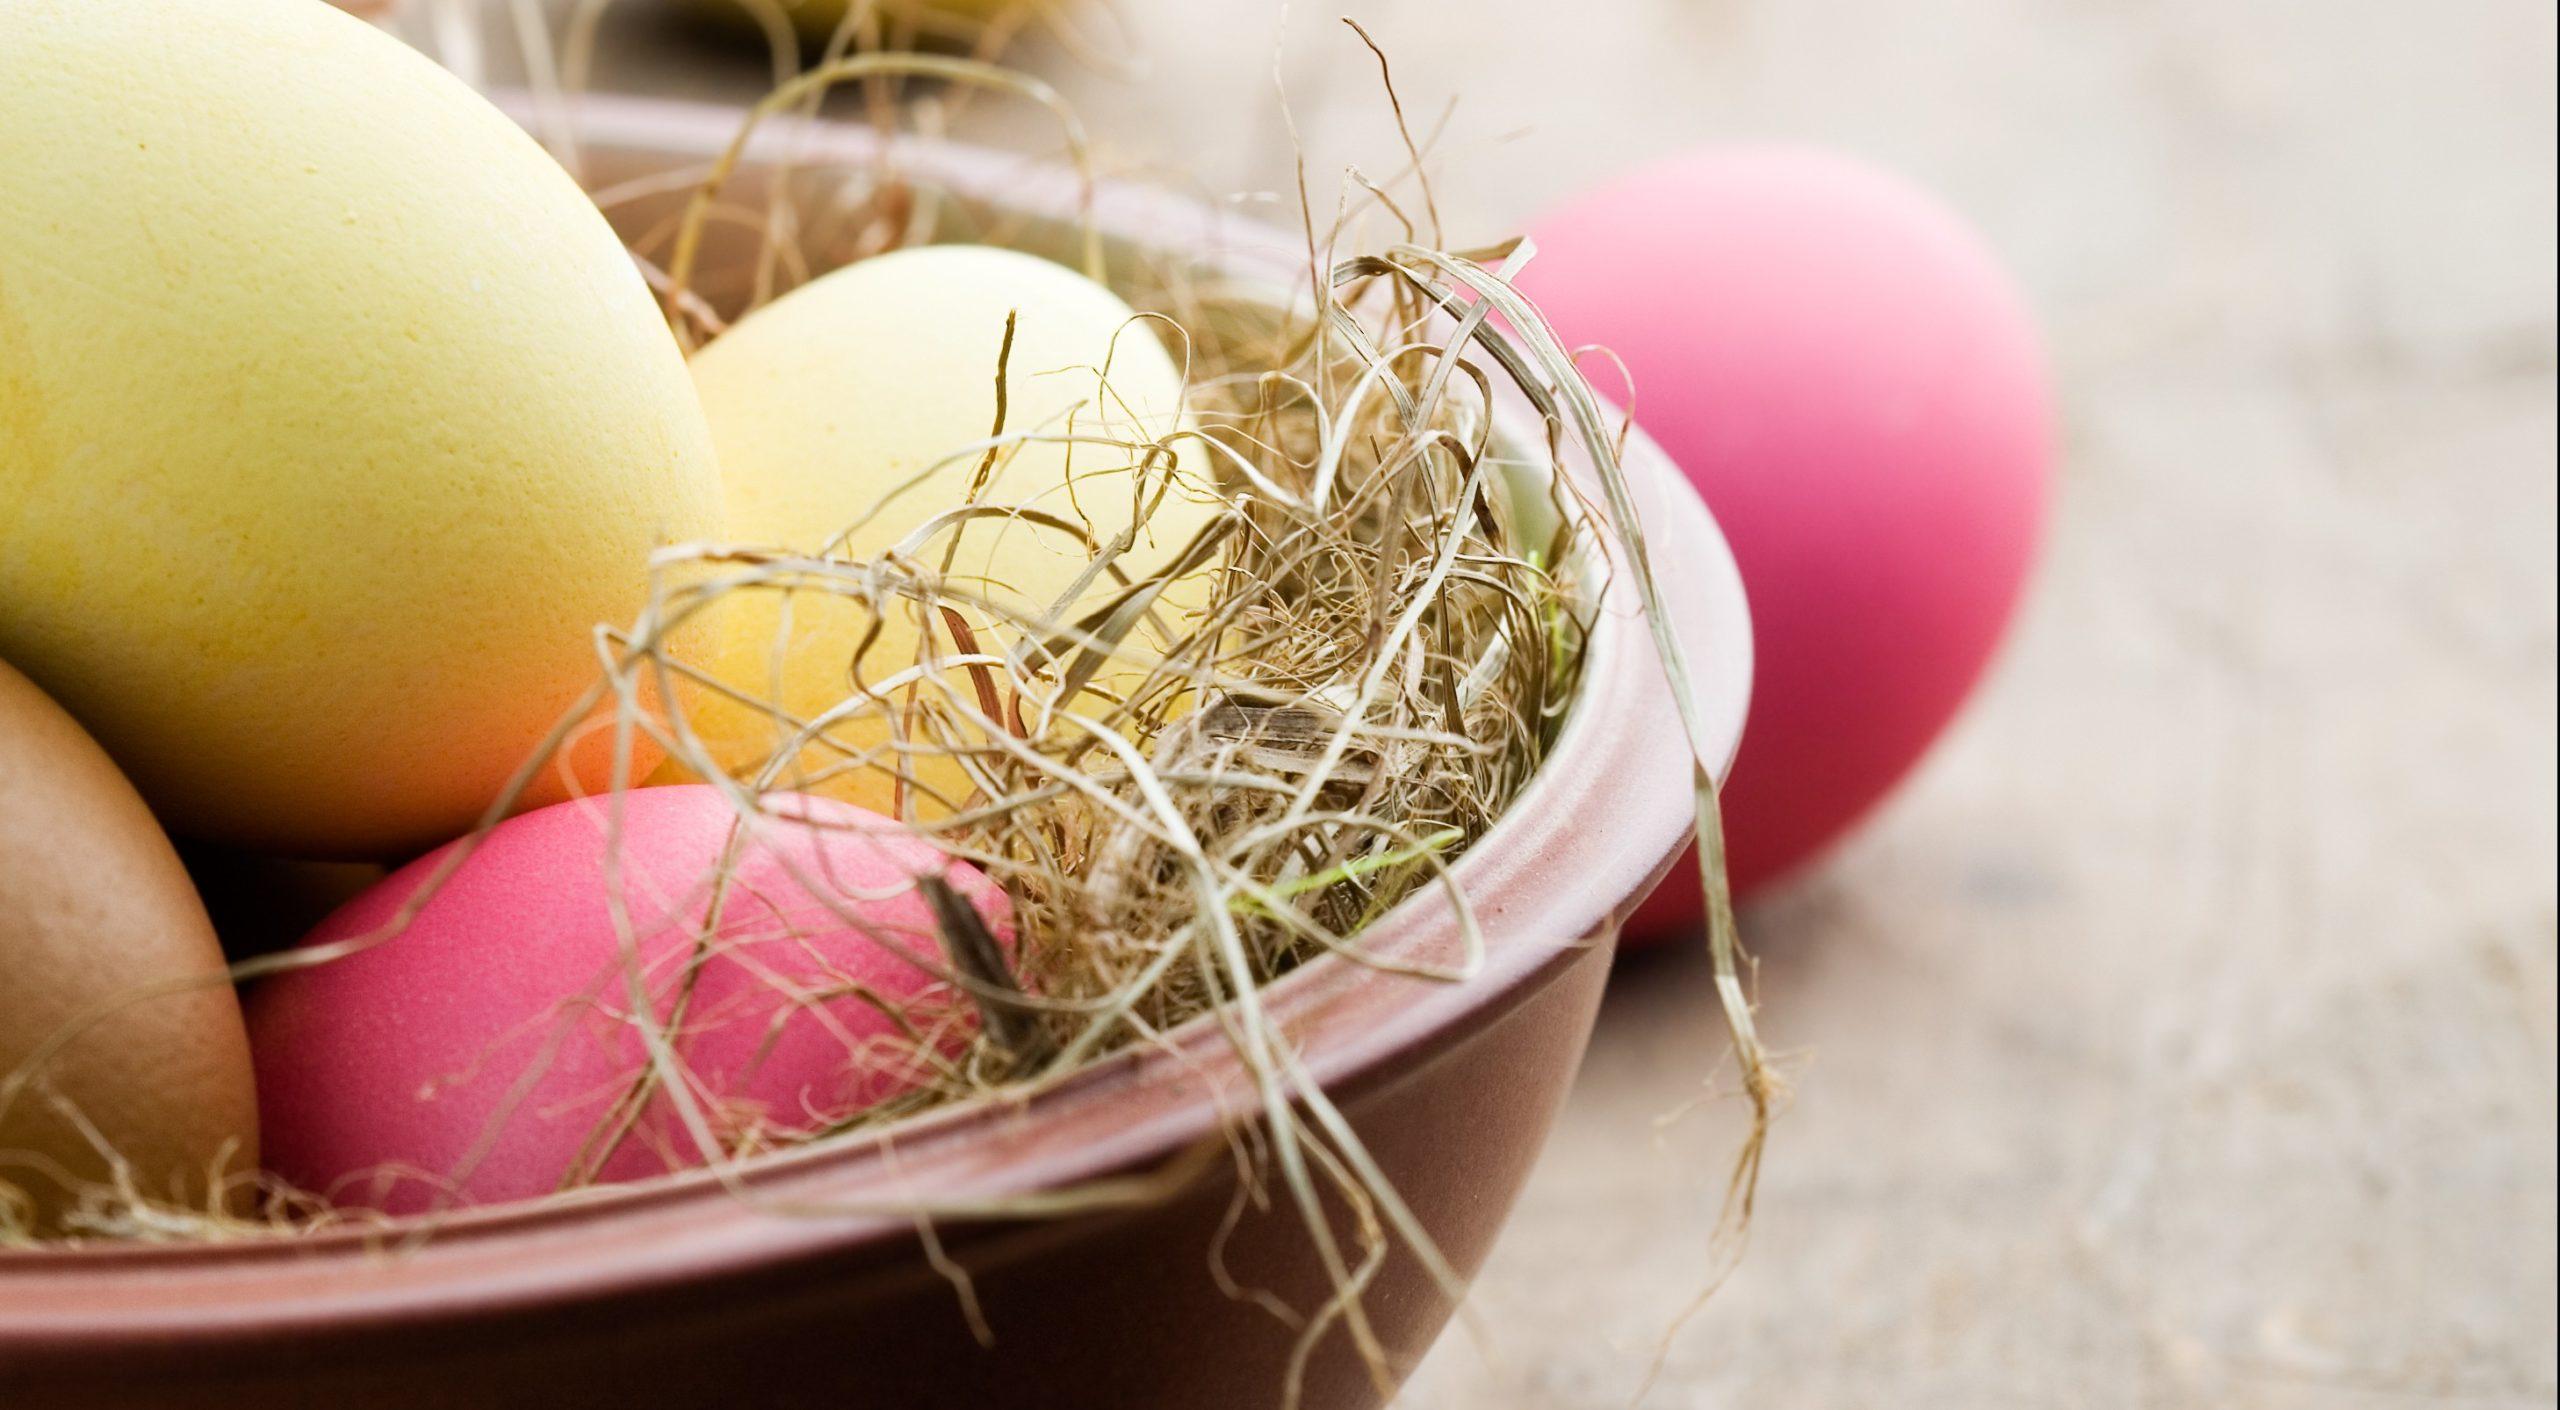 Ulrikas påskvecka innehåller mat med ägg